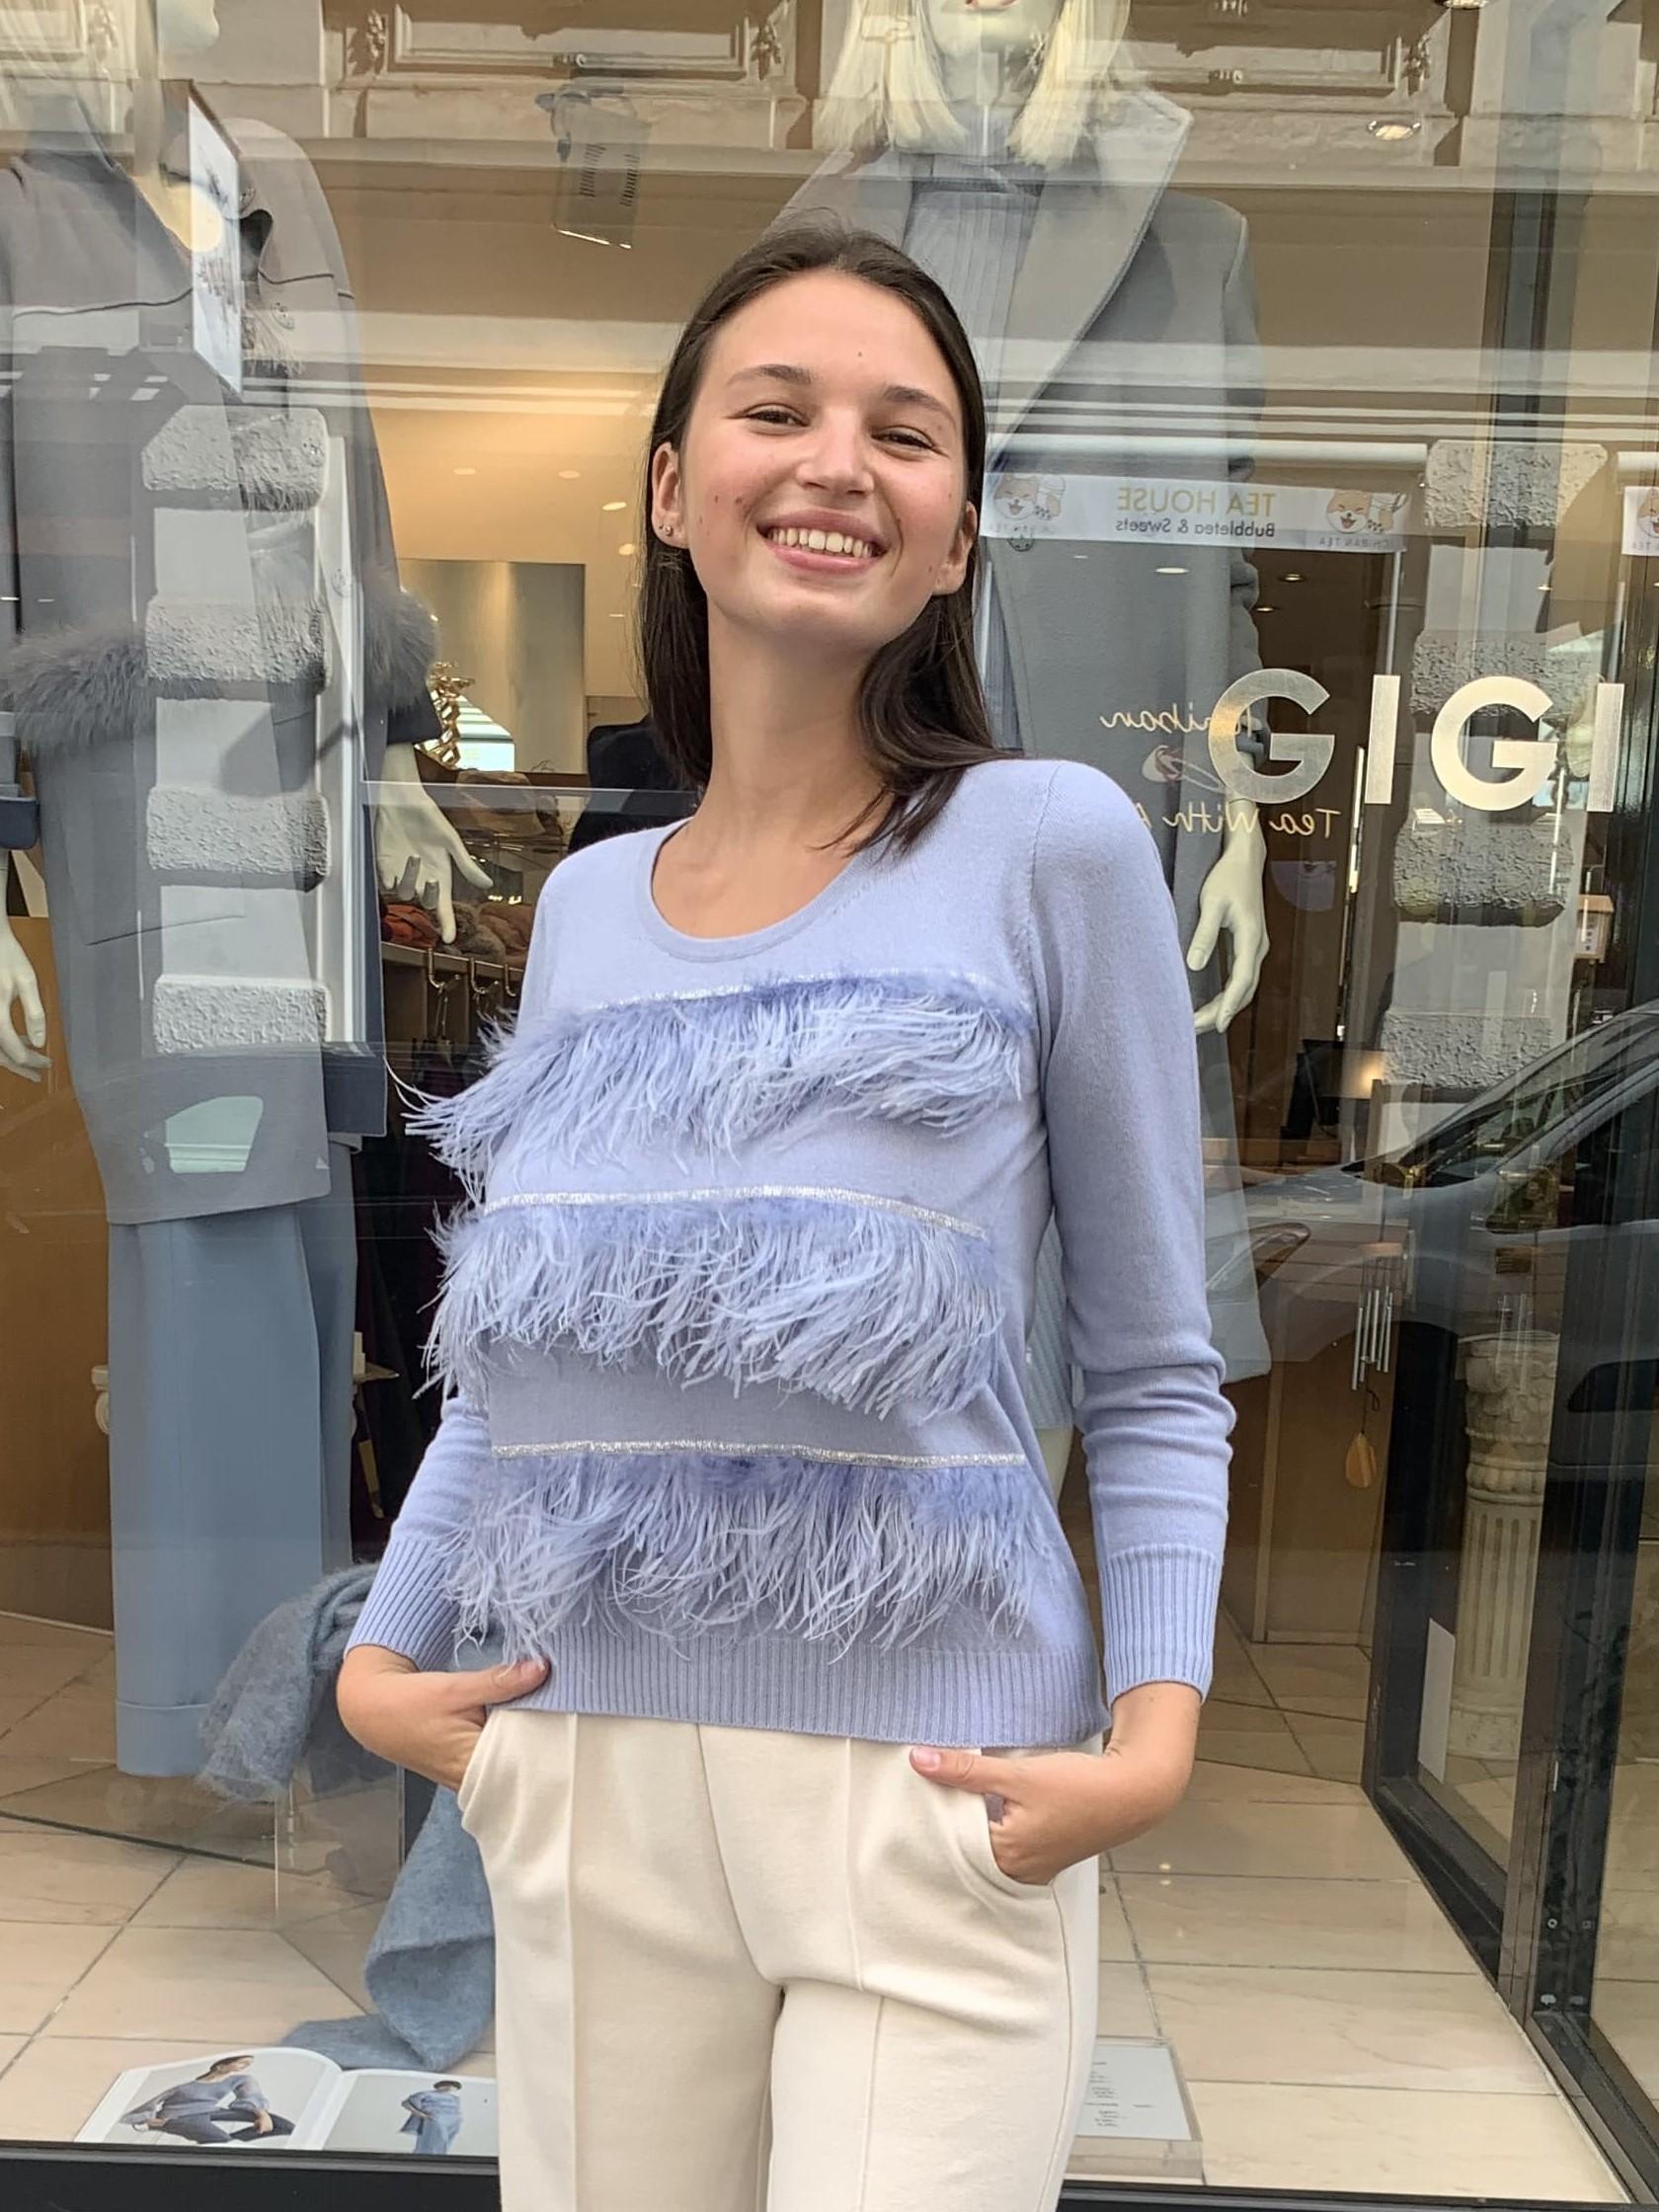 """Etwas ganz besonderes ist der hellblaue kastig geschnittene Kaschmir-Wolle Mix Pullover. Vorne mit exklusivem Straußen-Feder Detail in gleicher Farbe. Auch in rosa erhältlich und besonders schön in """"Monocrom"""" Look."""